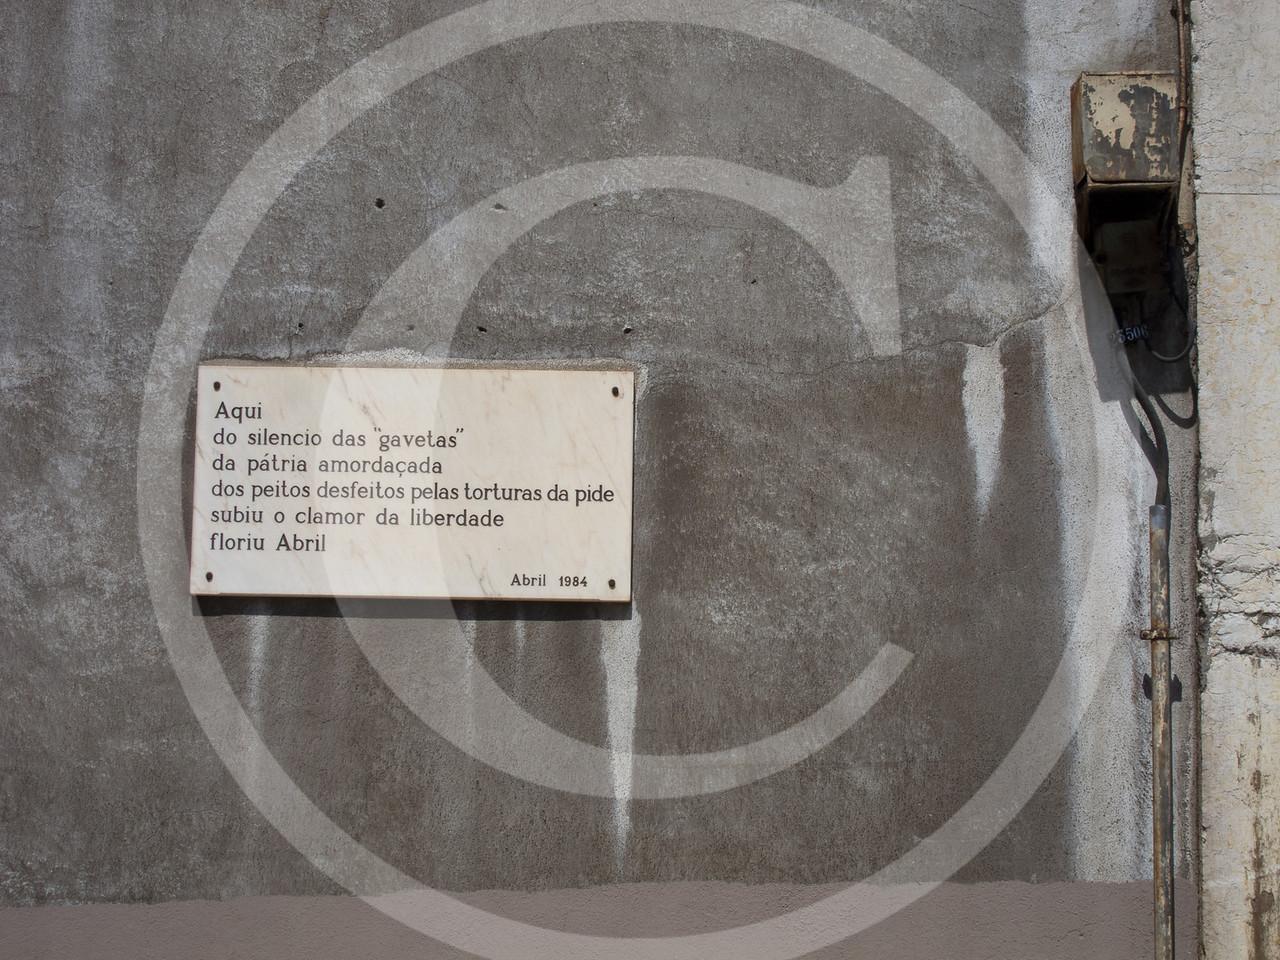 Lisboa04201117-141